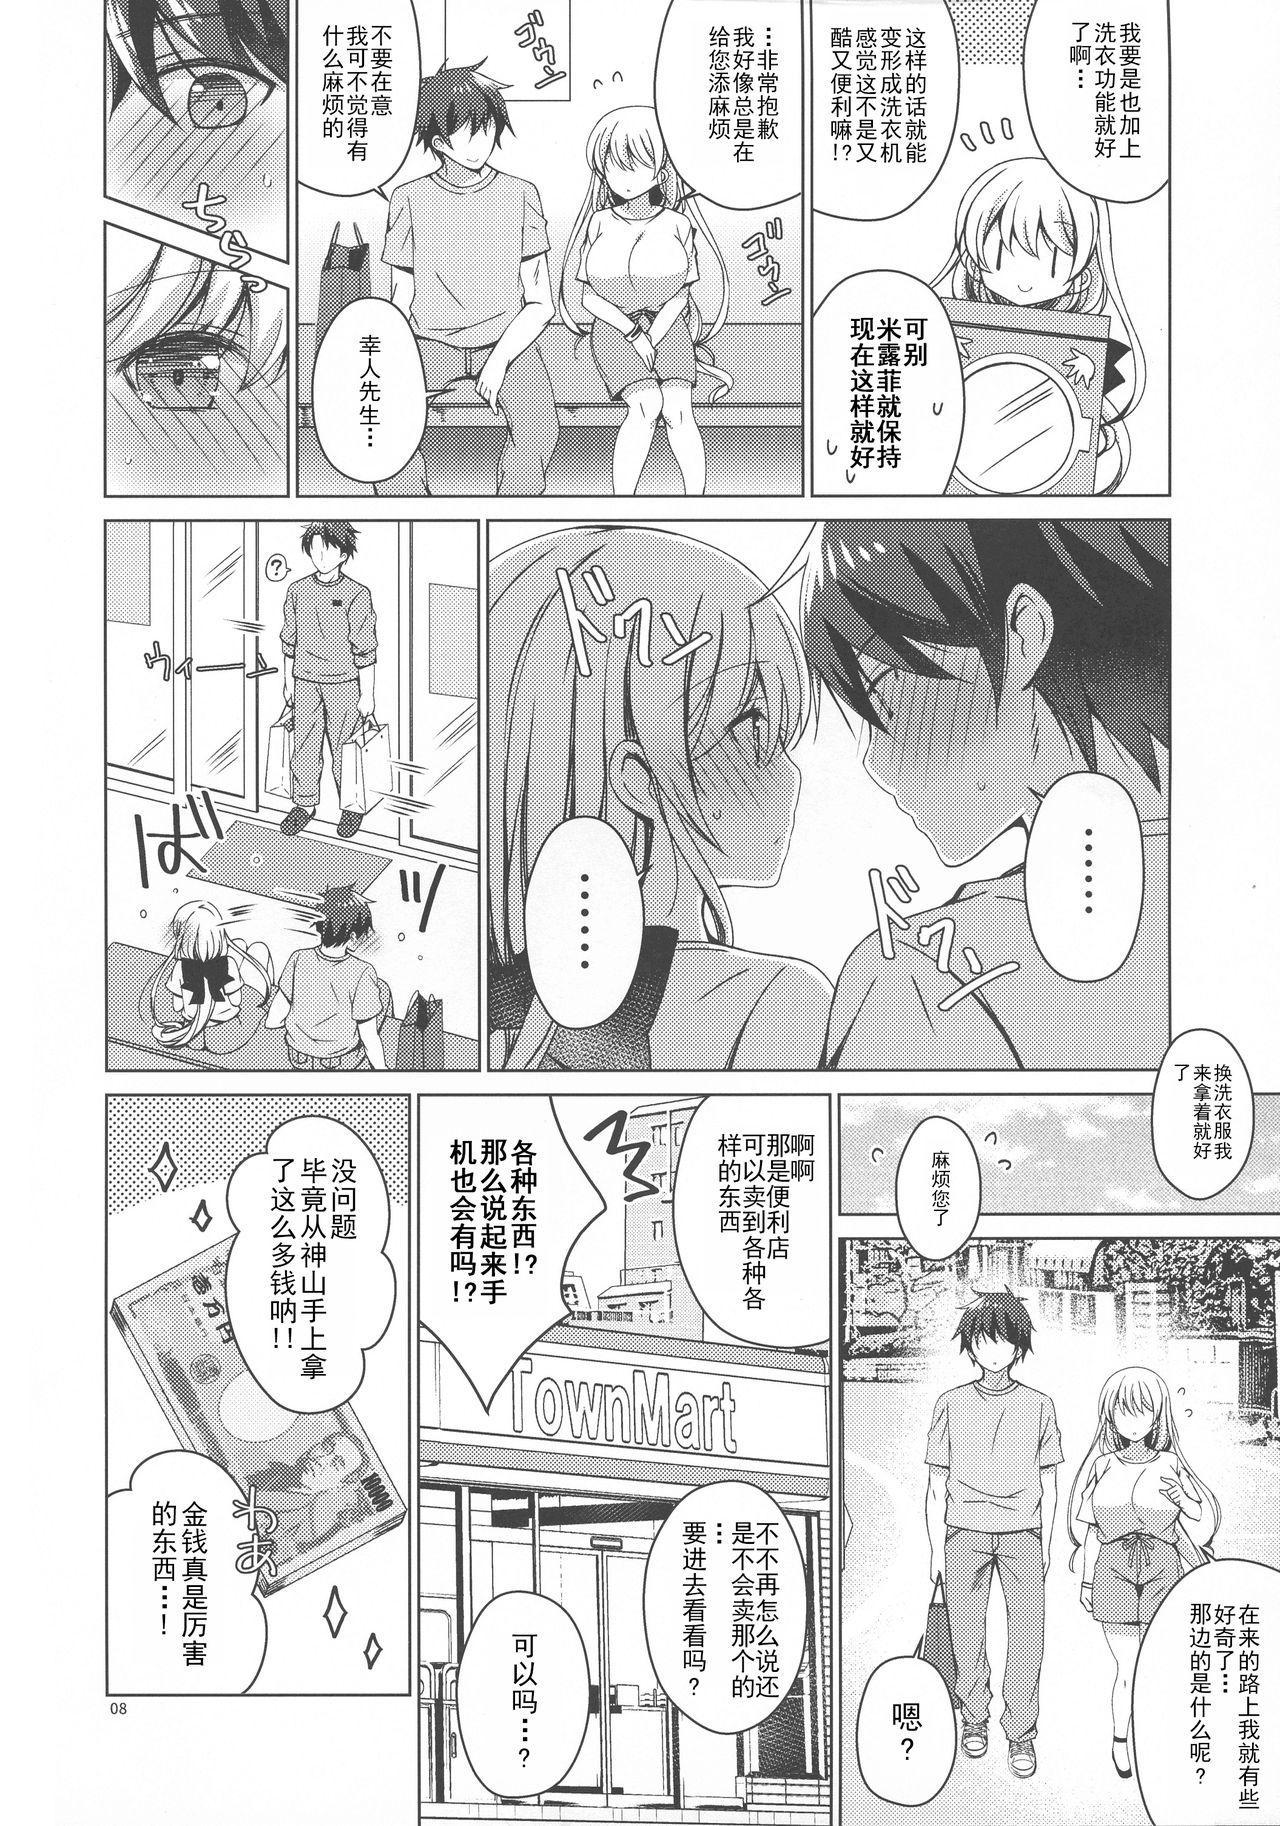 Android no Watashi ni Nenryou Hokyuu shite Kudasai 6 6